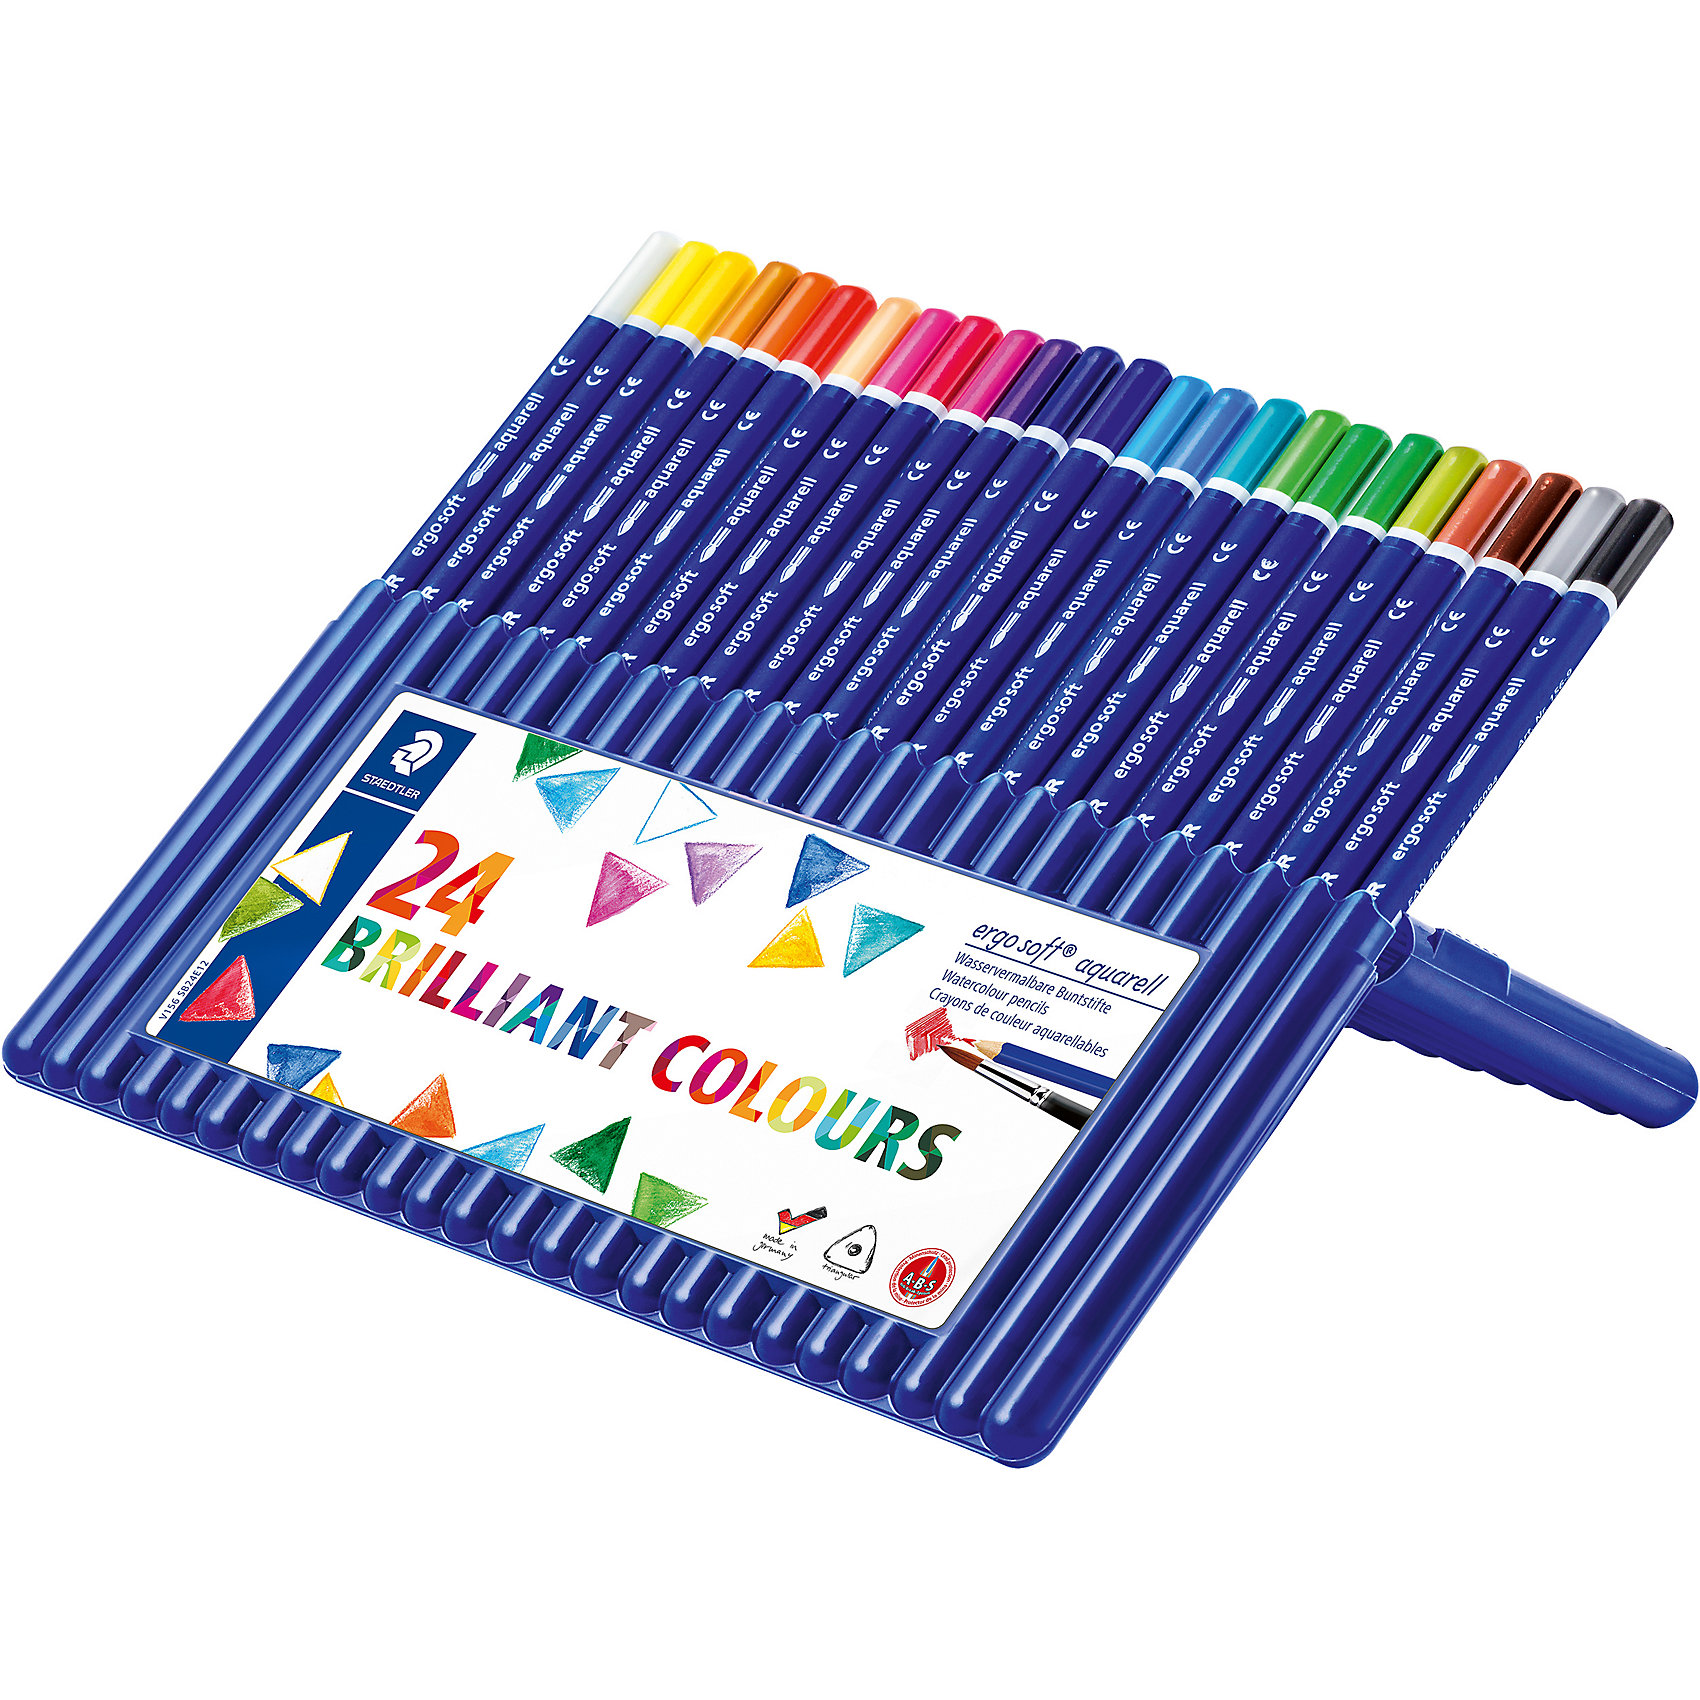 Акварельные карандаши Ergosoft, 24 цв.Рисование<br>Набор цветных карандашей  Ergo Soft эргонамичной  трехгранной  формы с акварельным грифелем для легкого письма. Содержит 24   цвета. Пластиковая коробка-подставка. Предлагается широкий выбор возможностей для применения - также водой и кистью.  Уникальное, нескользящее мягкое покрытие. A-B-C - белое защитное покрытие для укрепления грифеля и для защиты от поломки. Очень мягкий и яркий грифель. Лак на водной основе. При производстве используется древесина и специально подготовленных лесов.<br><br>Ширина мм: 217<br>Глубина мм: 185<br>Высота мм: 17<br>Вес г: 248<br>Возраст от месяцев: 60<br>Возраст до месяцев: 1188<br>Пол: Унисекс<br>Возраст: Детский<br>SKU: 2031247